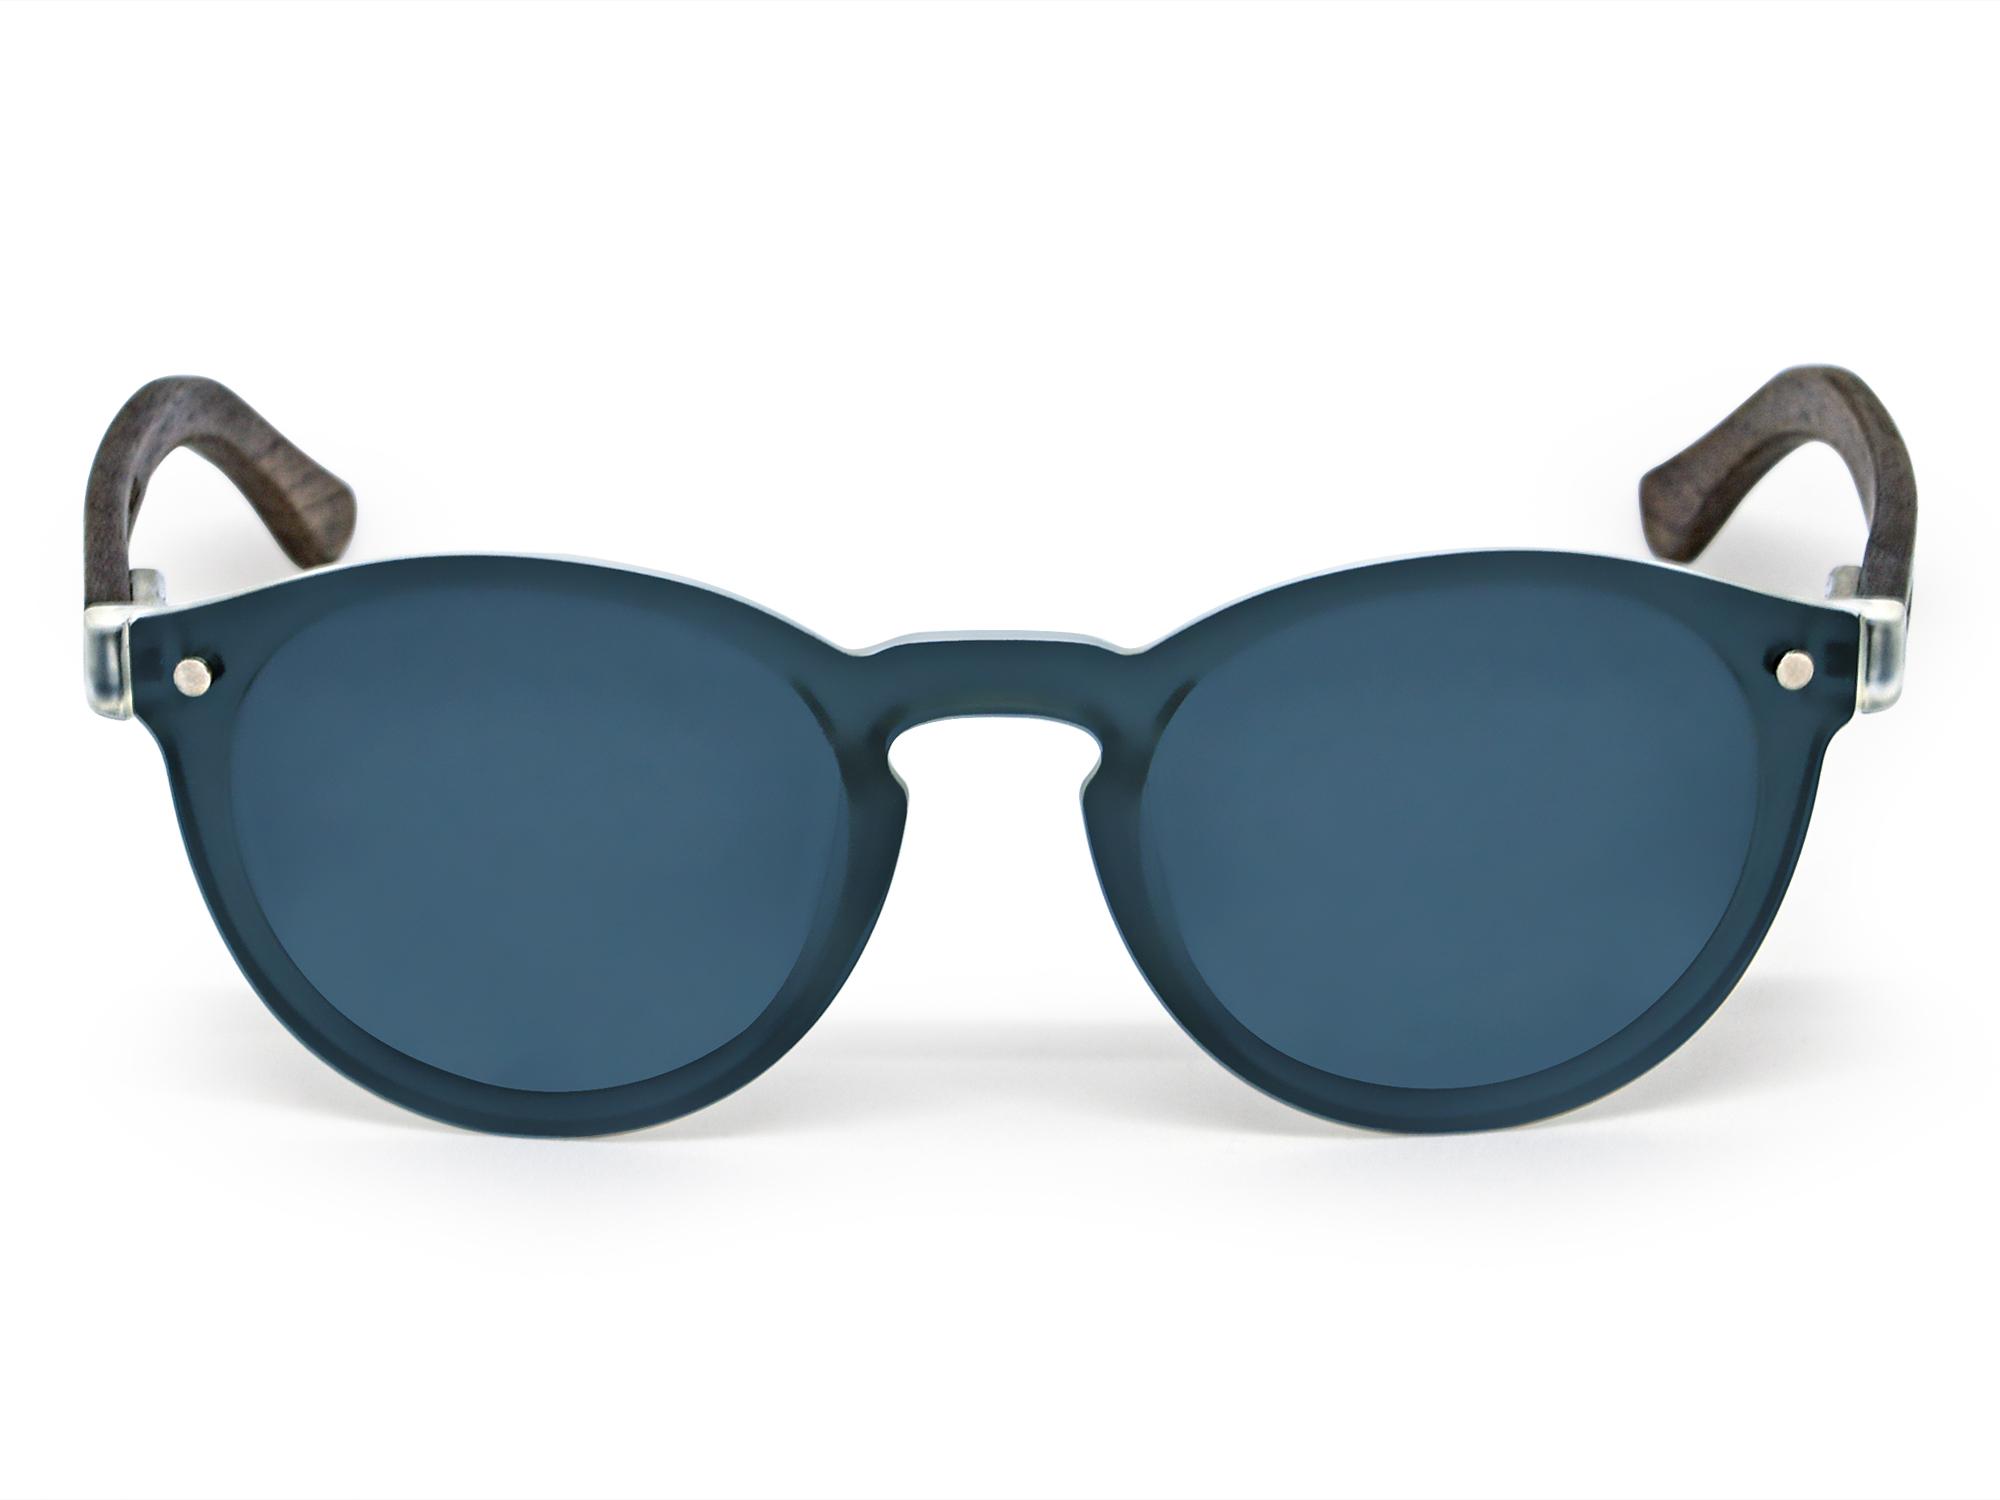 lunettes de soleil rondes en bois de noyer